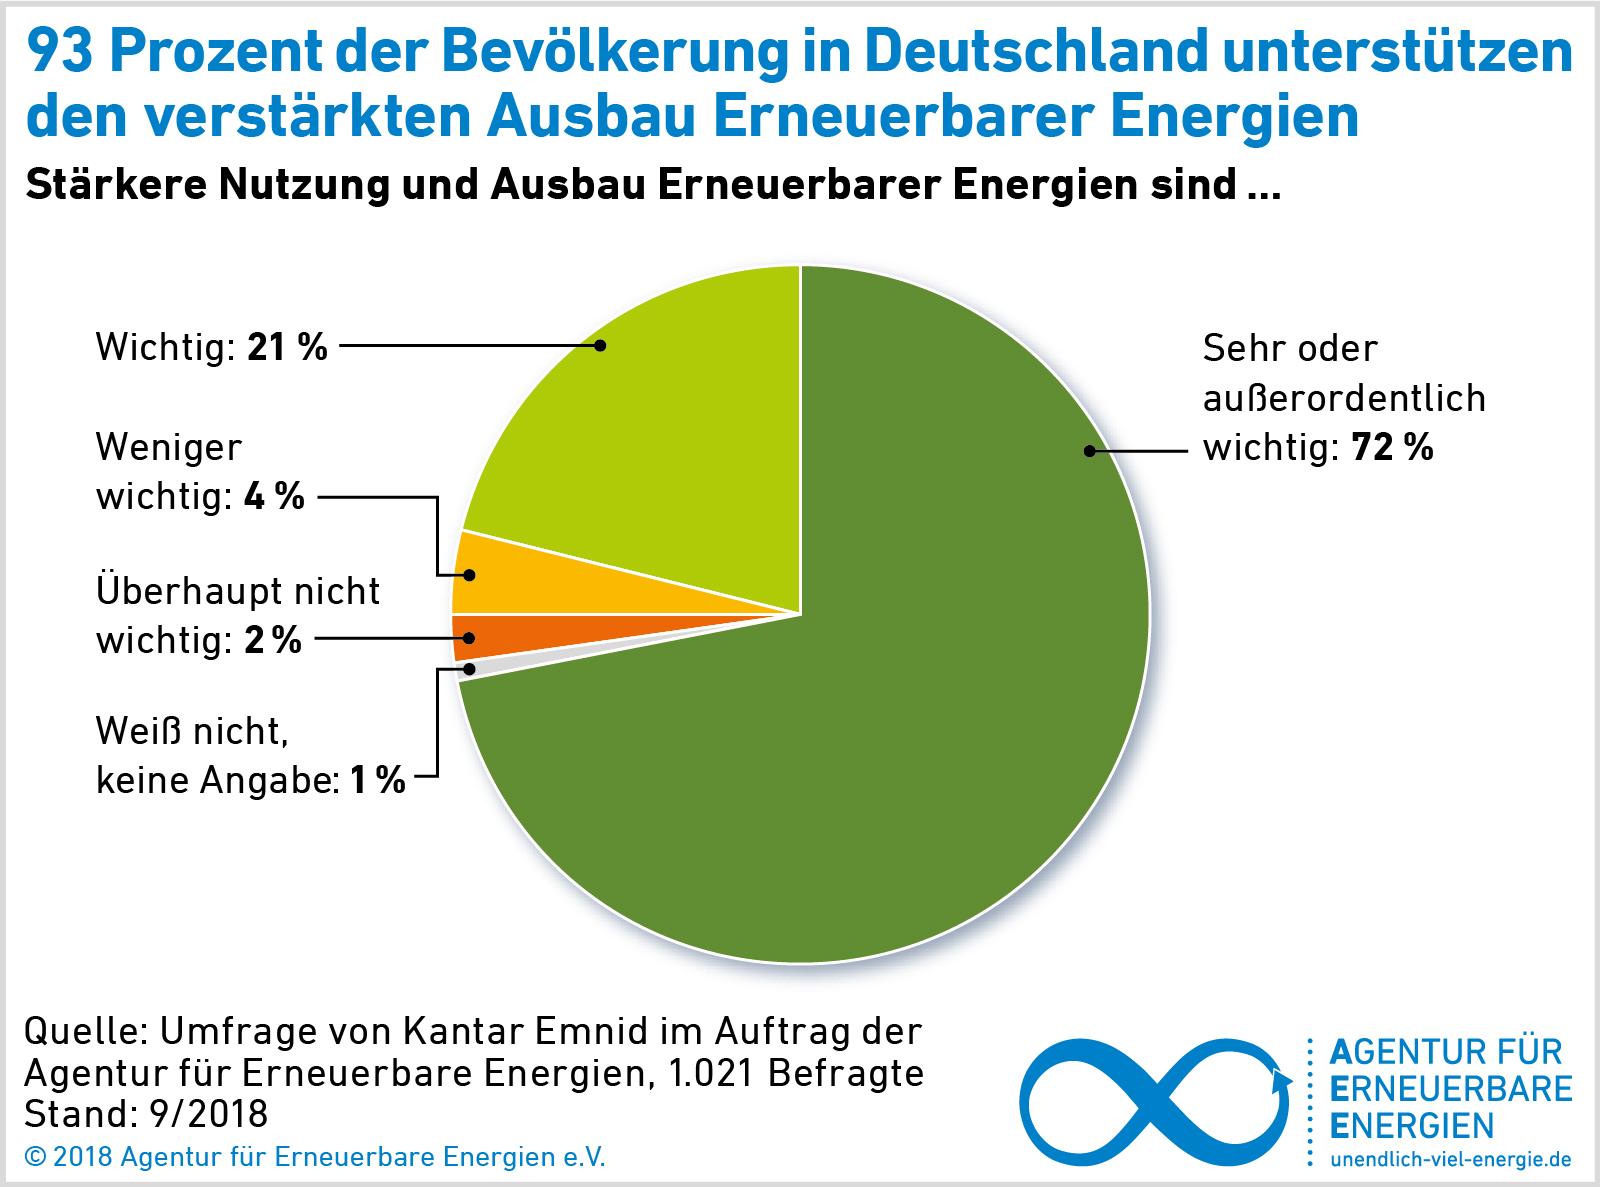 AEE_Akzeptanzumfrage_2018_Unterstuetzung_Ausbau